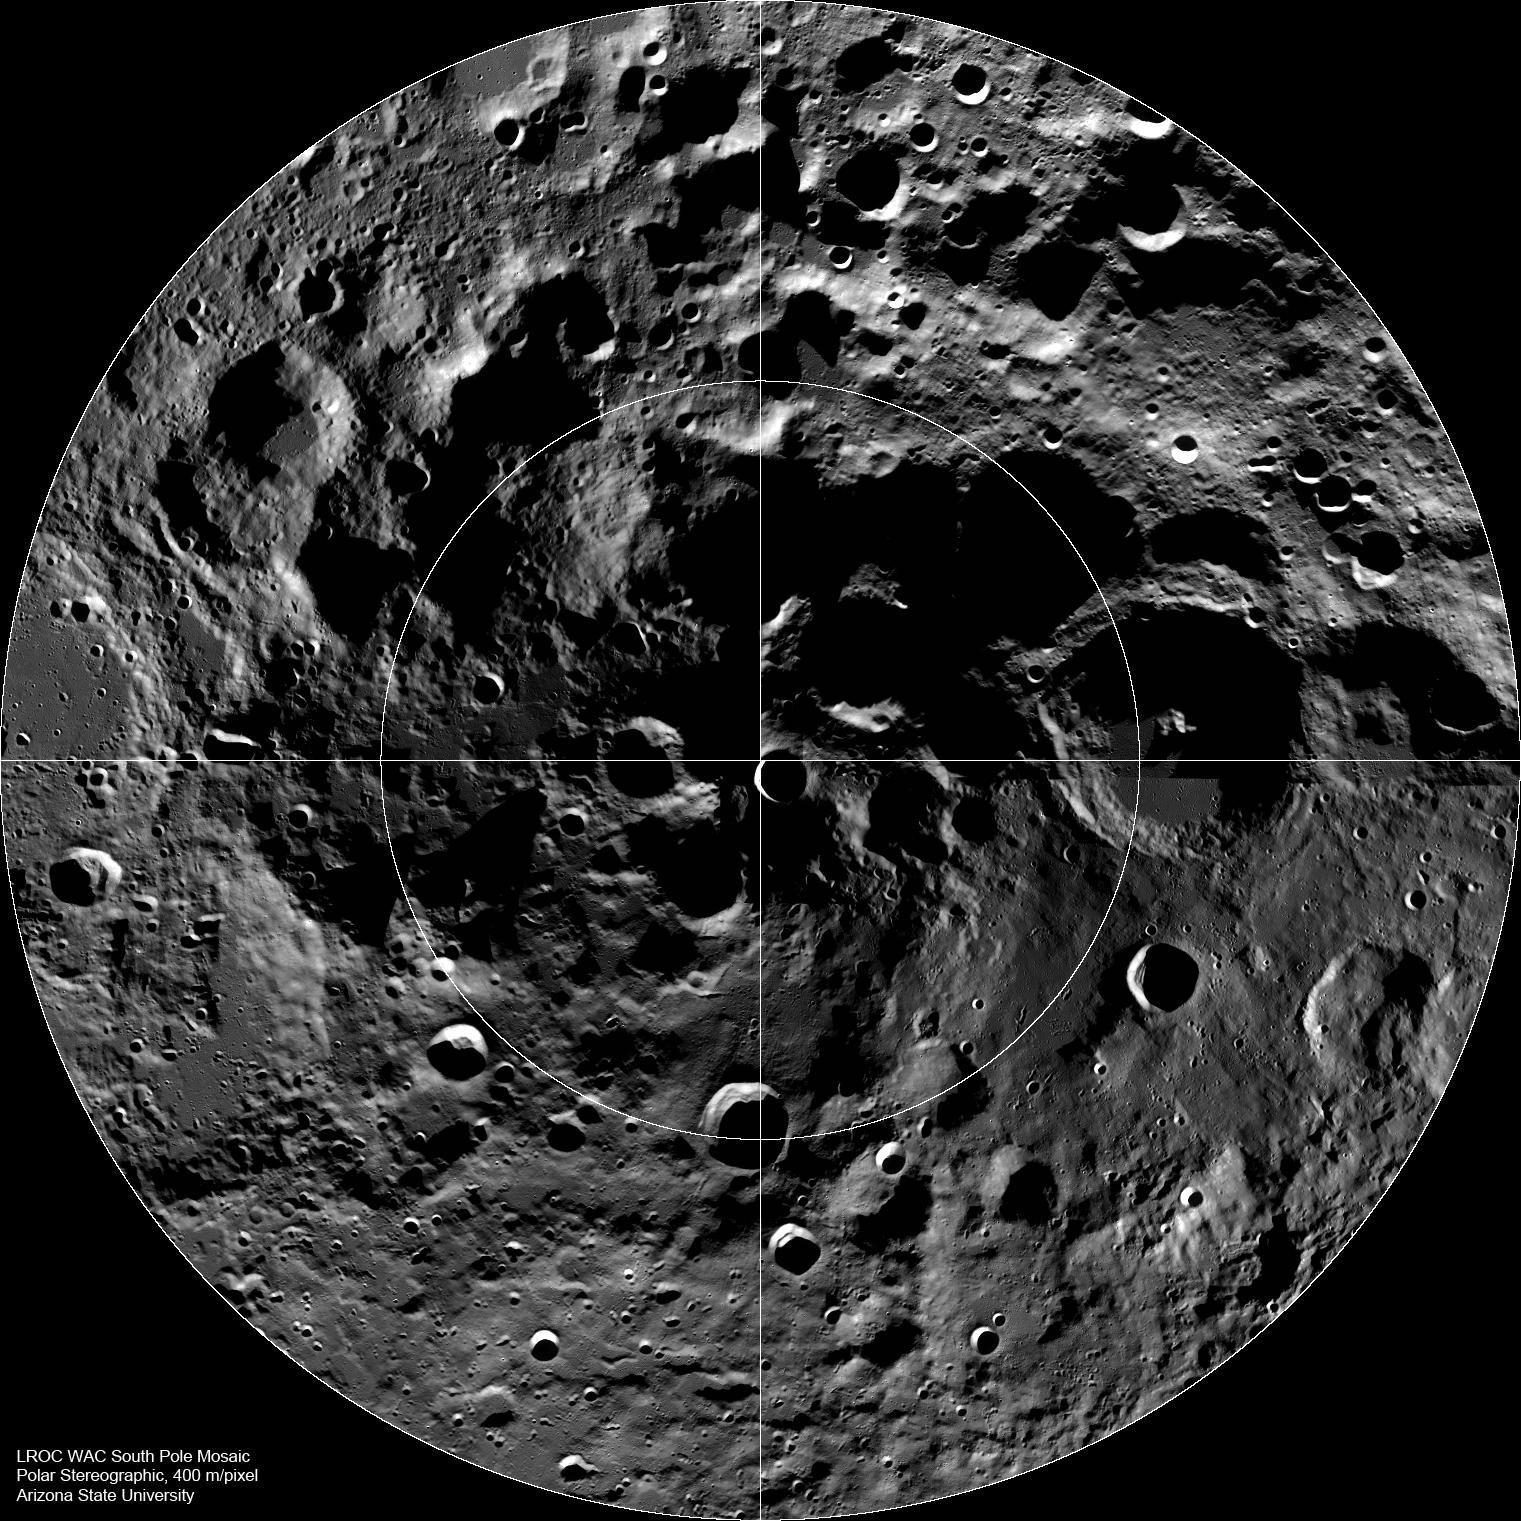 国际天文学联合会(IAU)以北极探险家马修·汉森的名字命名月球南极一个环形山